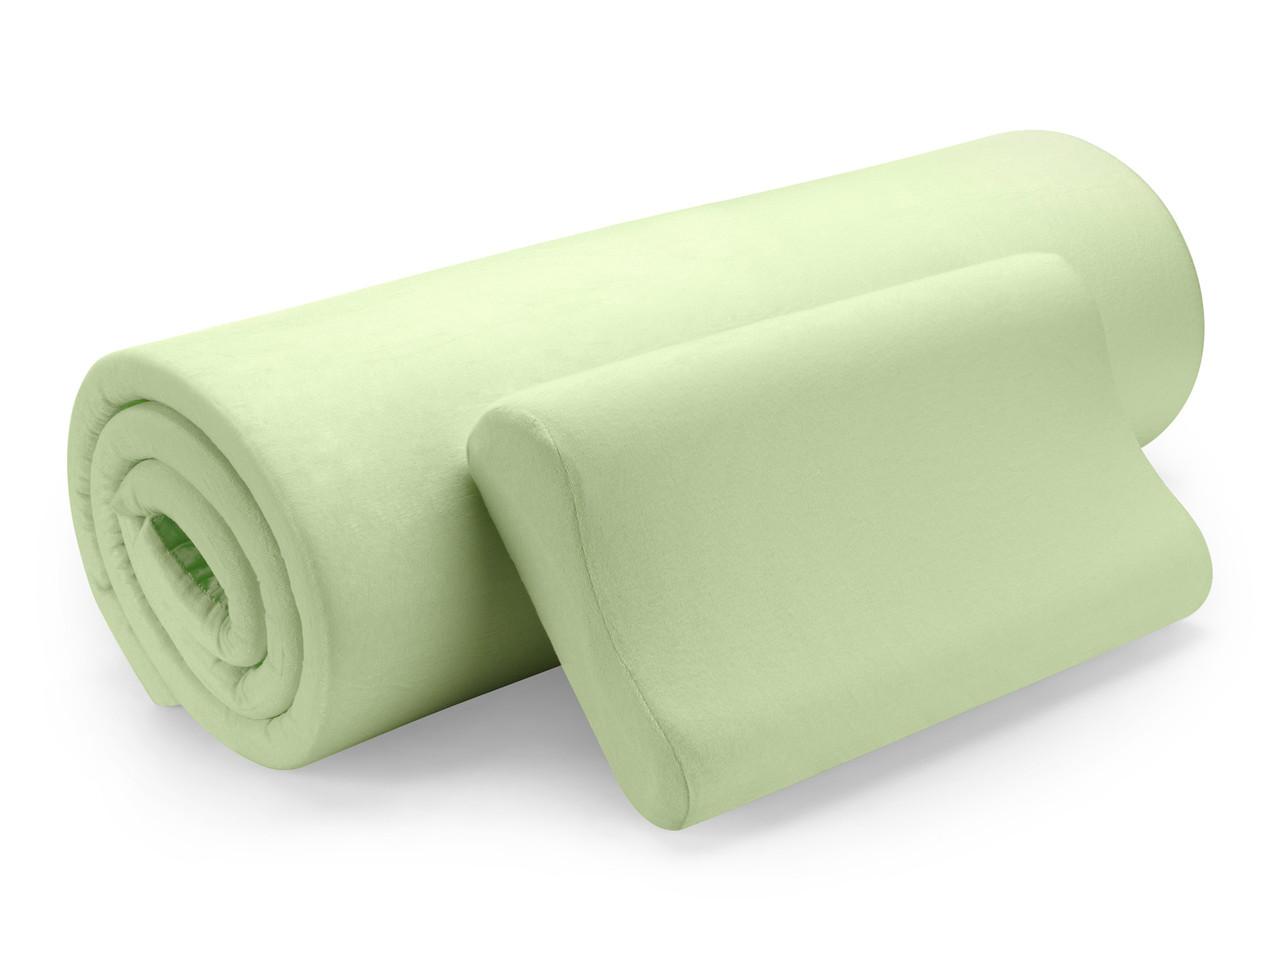 Комплект матрас+ подушка Dormeo Renew Eucalyptus 180*200